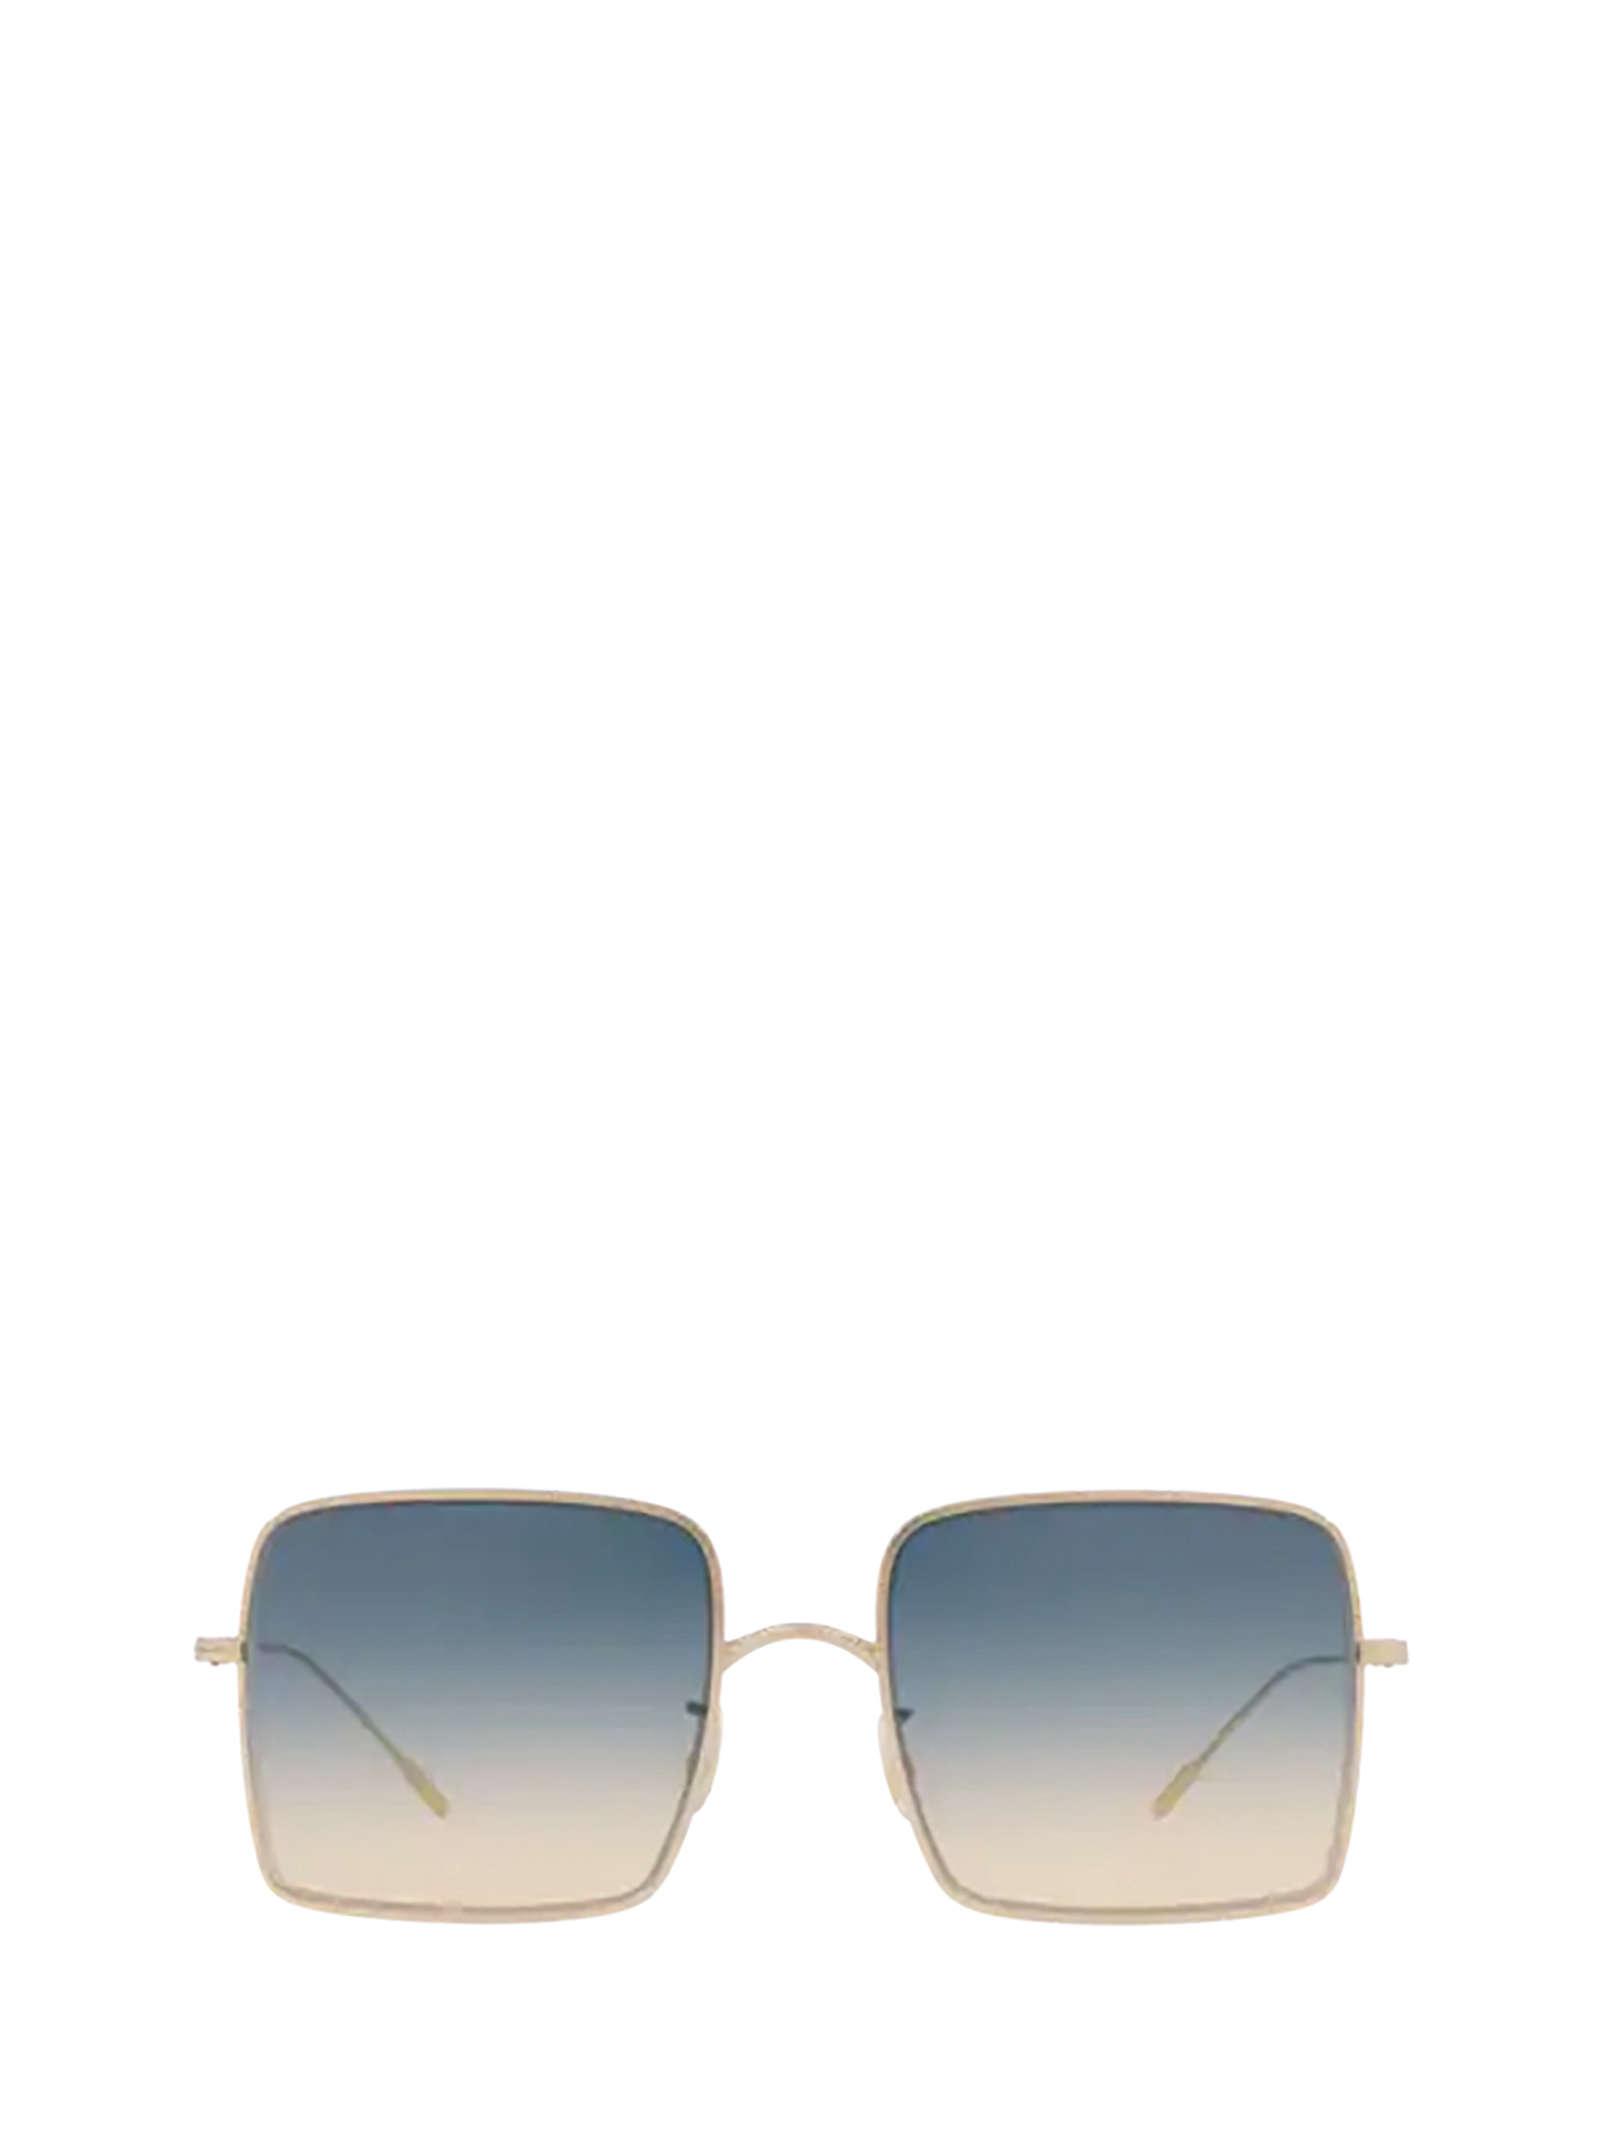 Oliver Peoples Oliver Peoples Ov1236s Soft Gold Sunglasses